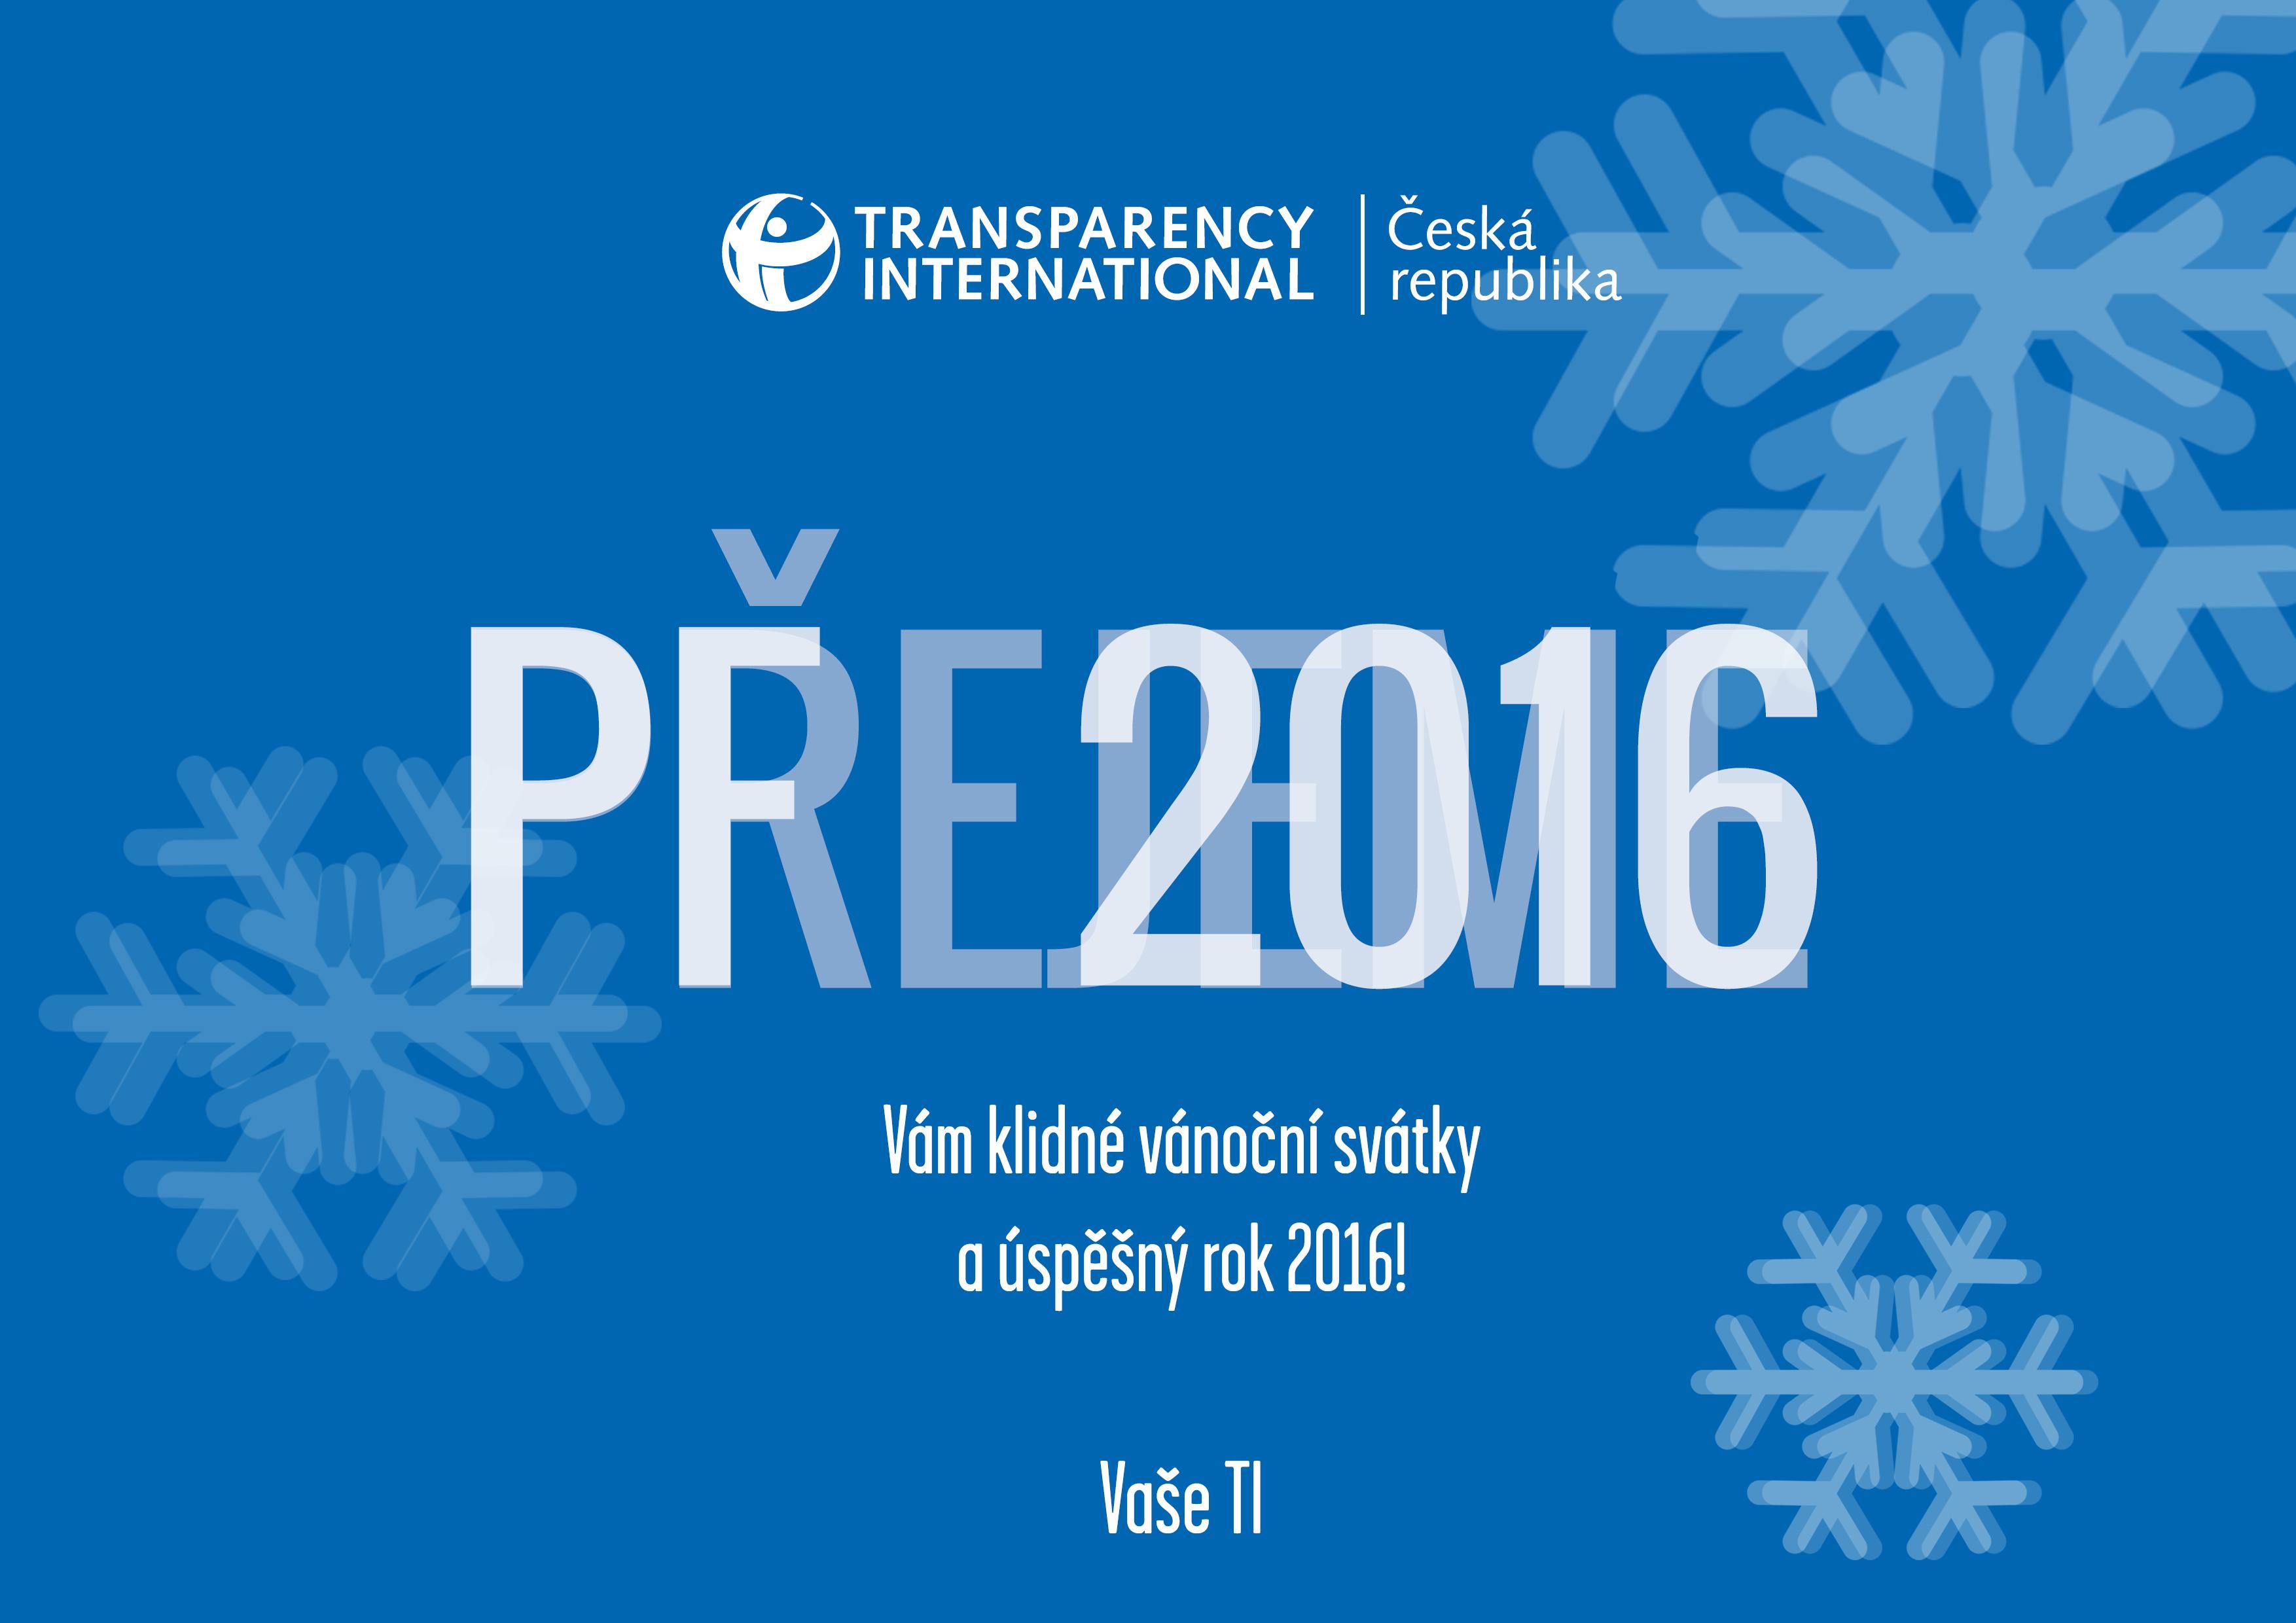 PF 2016 TI